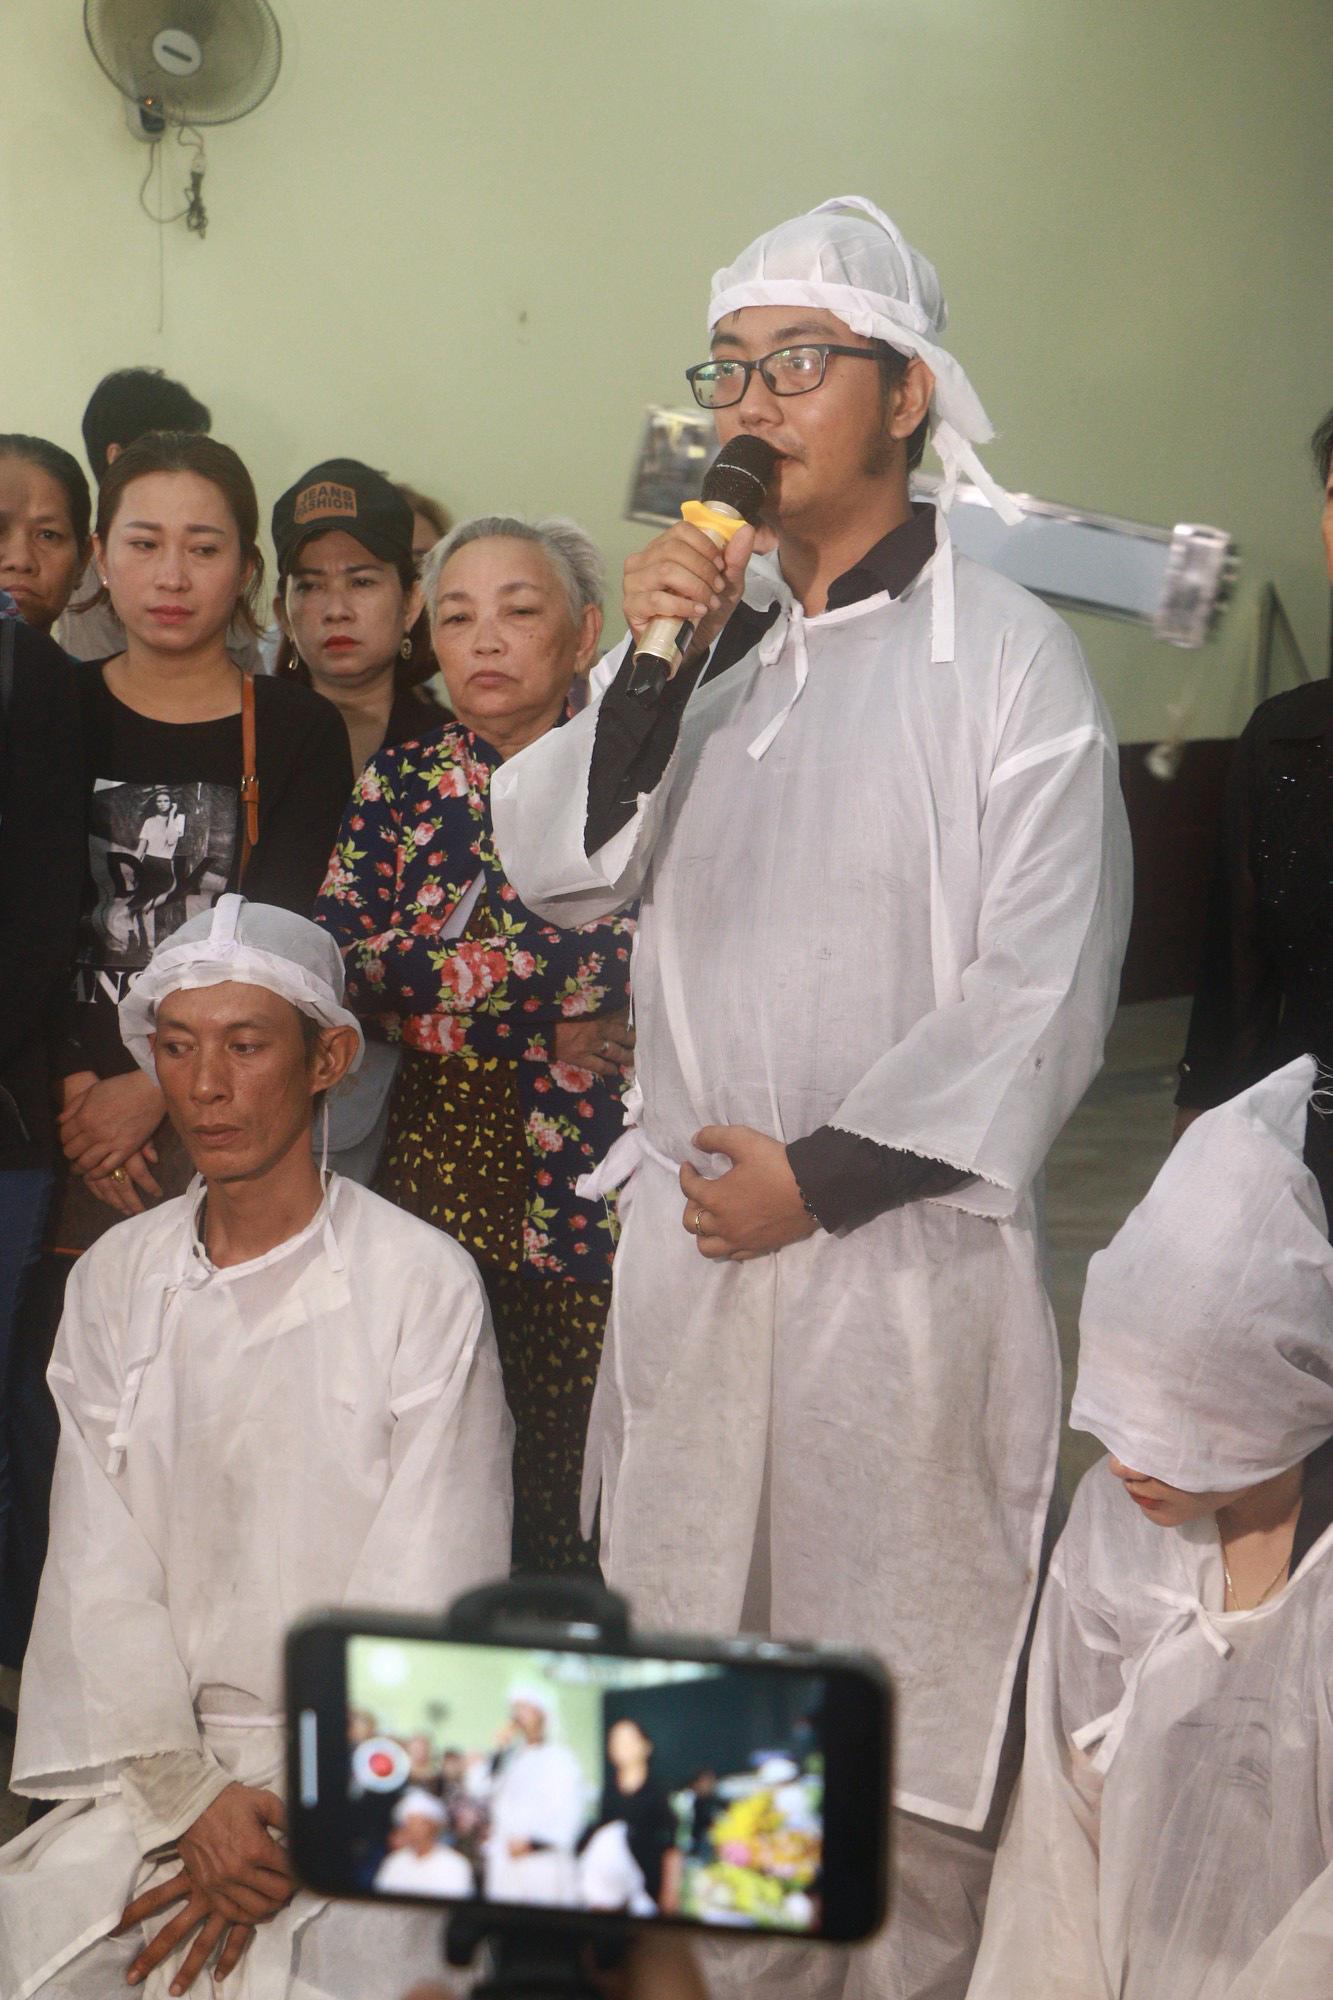 Con gái Lê Bình suy sụp, thất thần trong lễ động quan đưa thi hài cha về nơi an nghỉ - Ảnh 5.